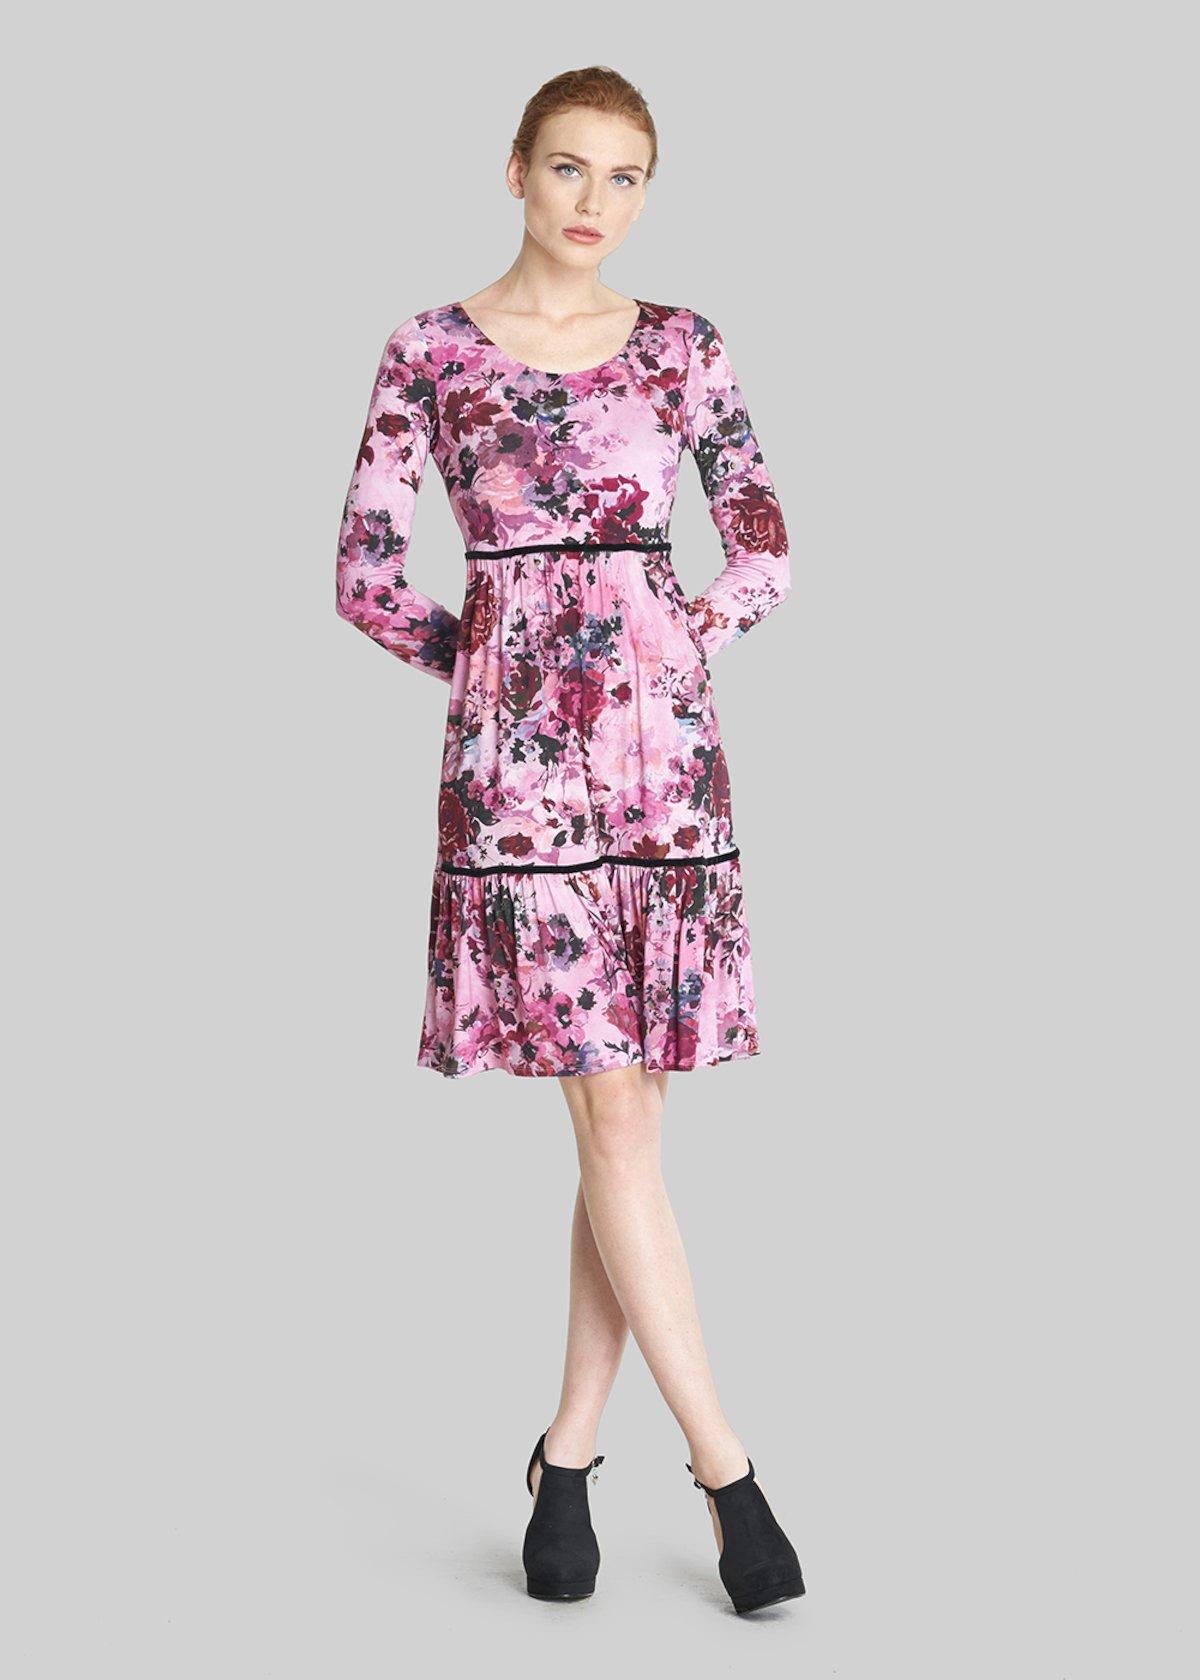 Amor dress with frill and velvet detail - Dark Sepia Fantasia